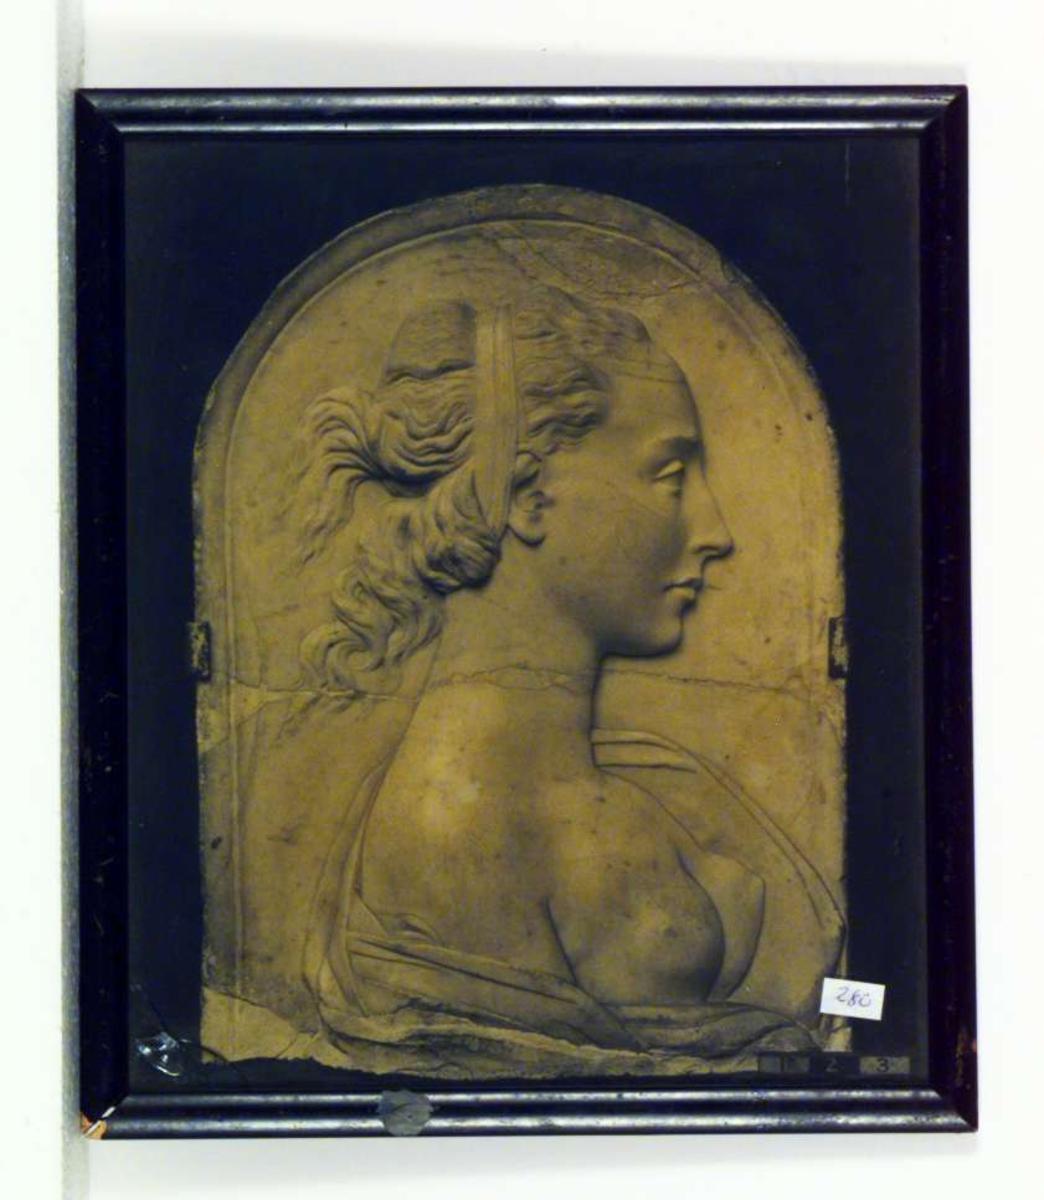 Portrettrelieff av en ung kvinne.